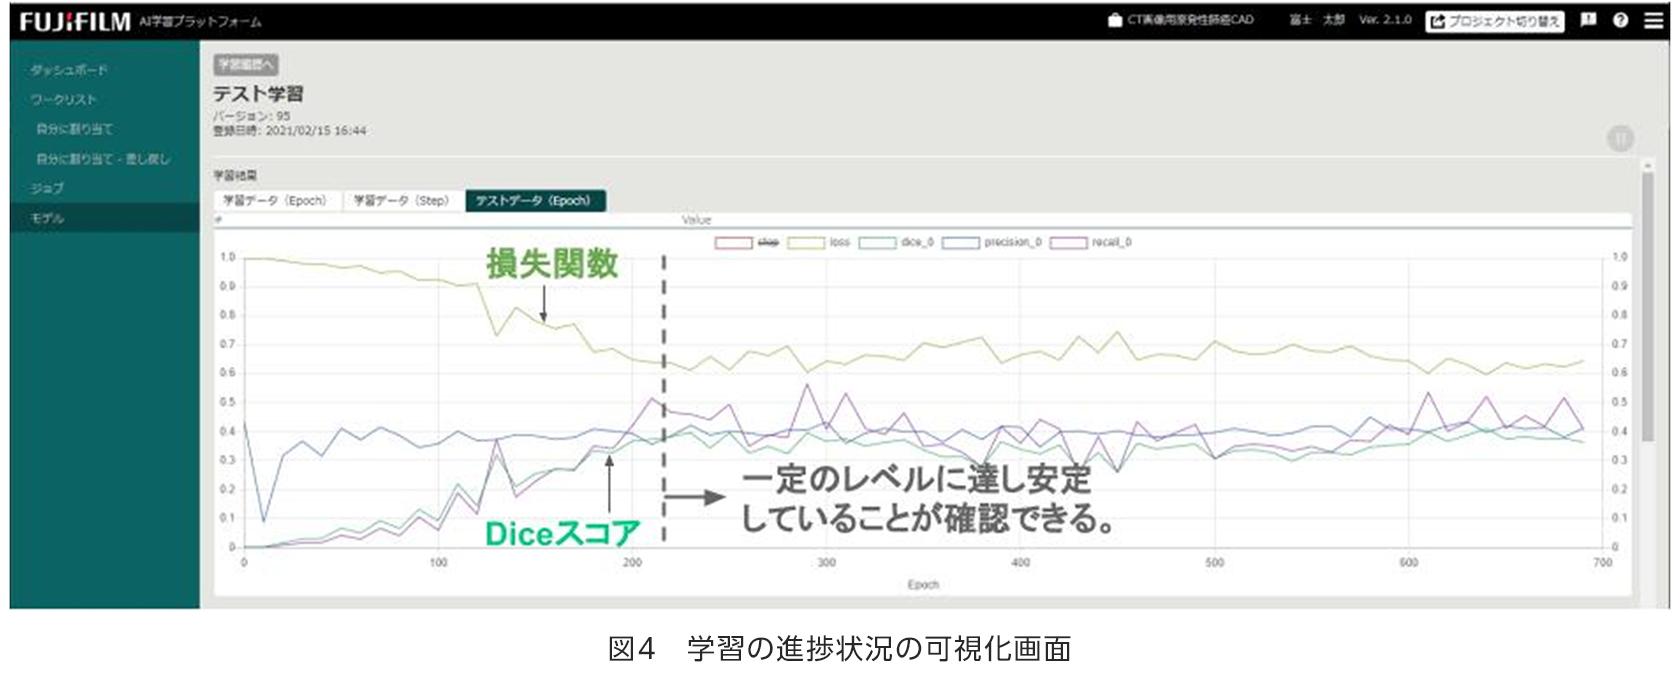 [画像]図4 学習の進捗状況の可視化画面